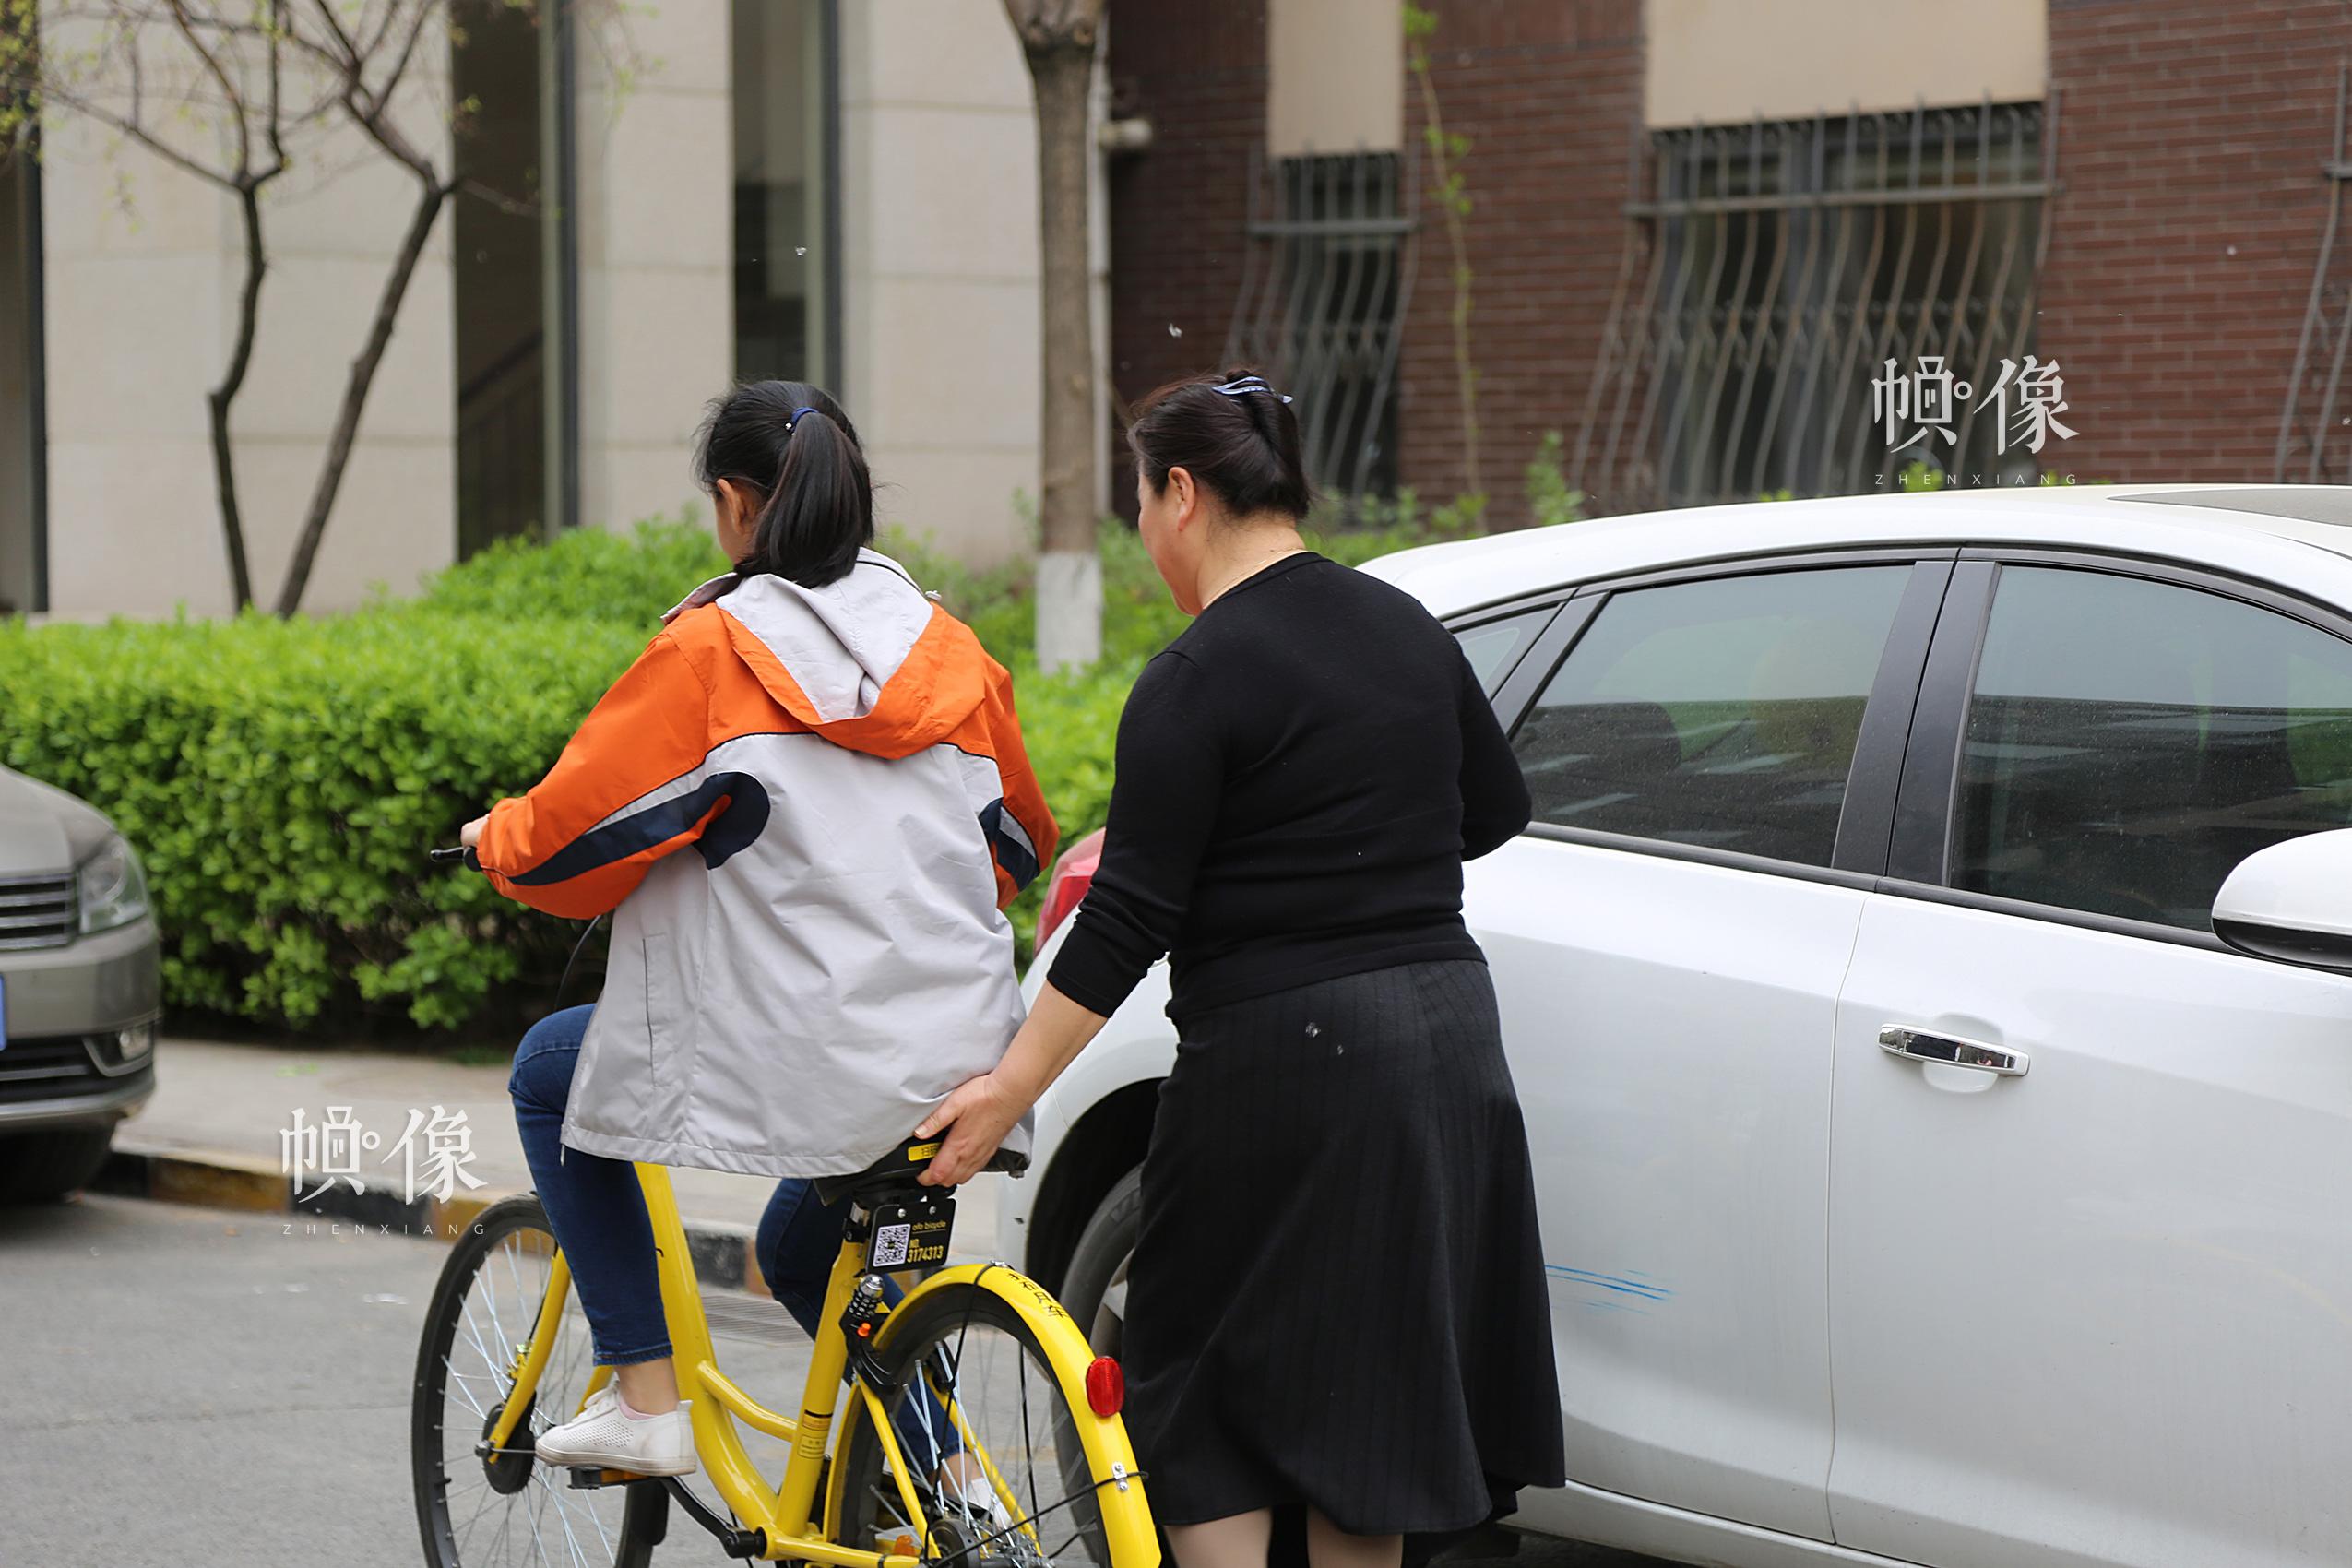 2017年4月8日,北京,德乾尕毛在小区骑自行车,助养妈妈在旁边帮她扶着。中国网记者 黄富友 摄